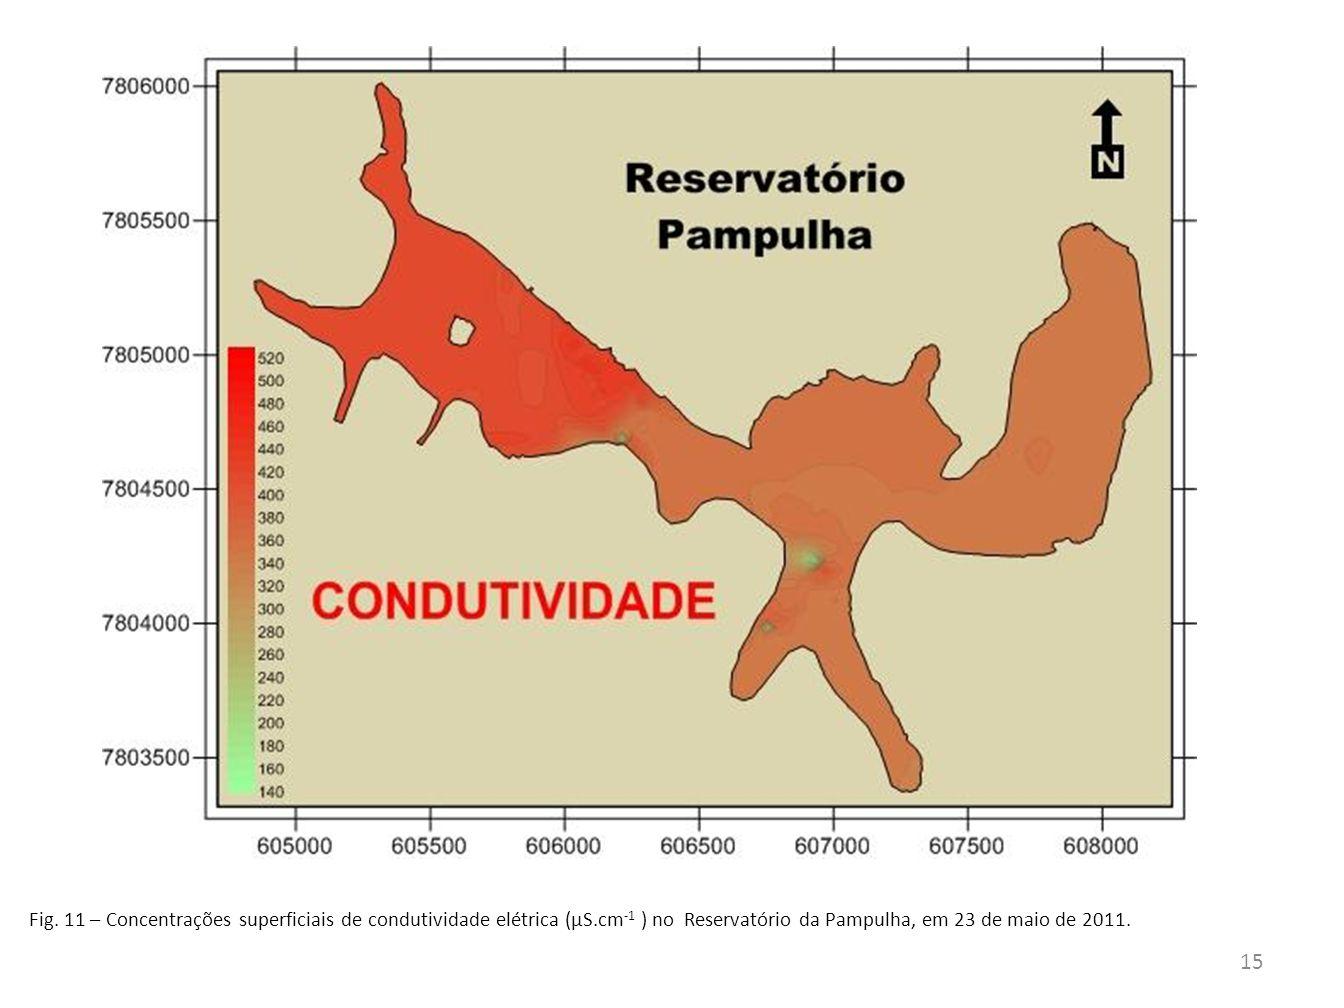 Fig. 11 – Concentrações superficiais de condutividade elétrica (µS